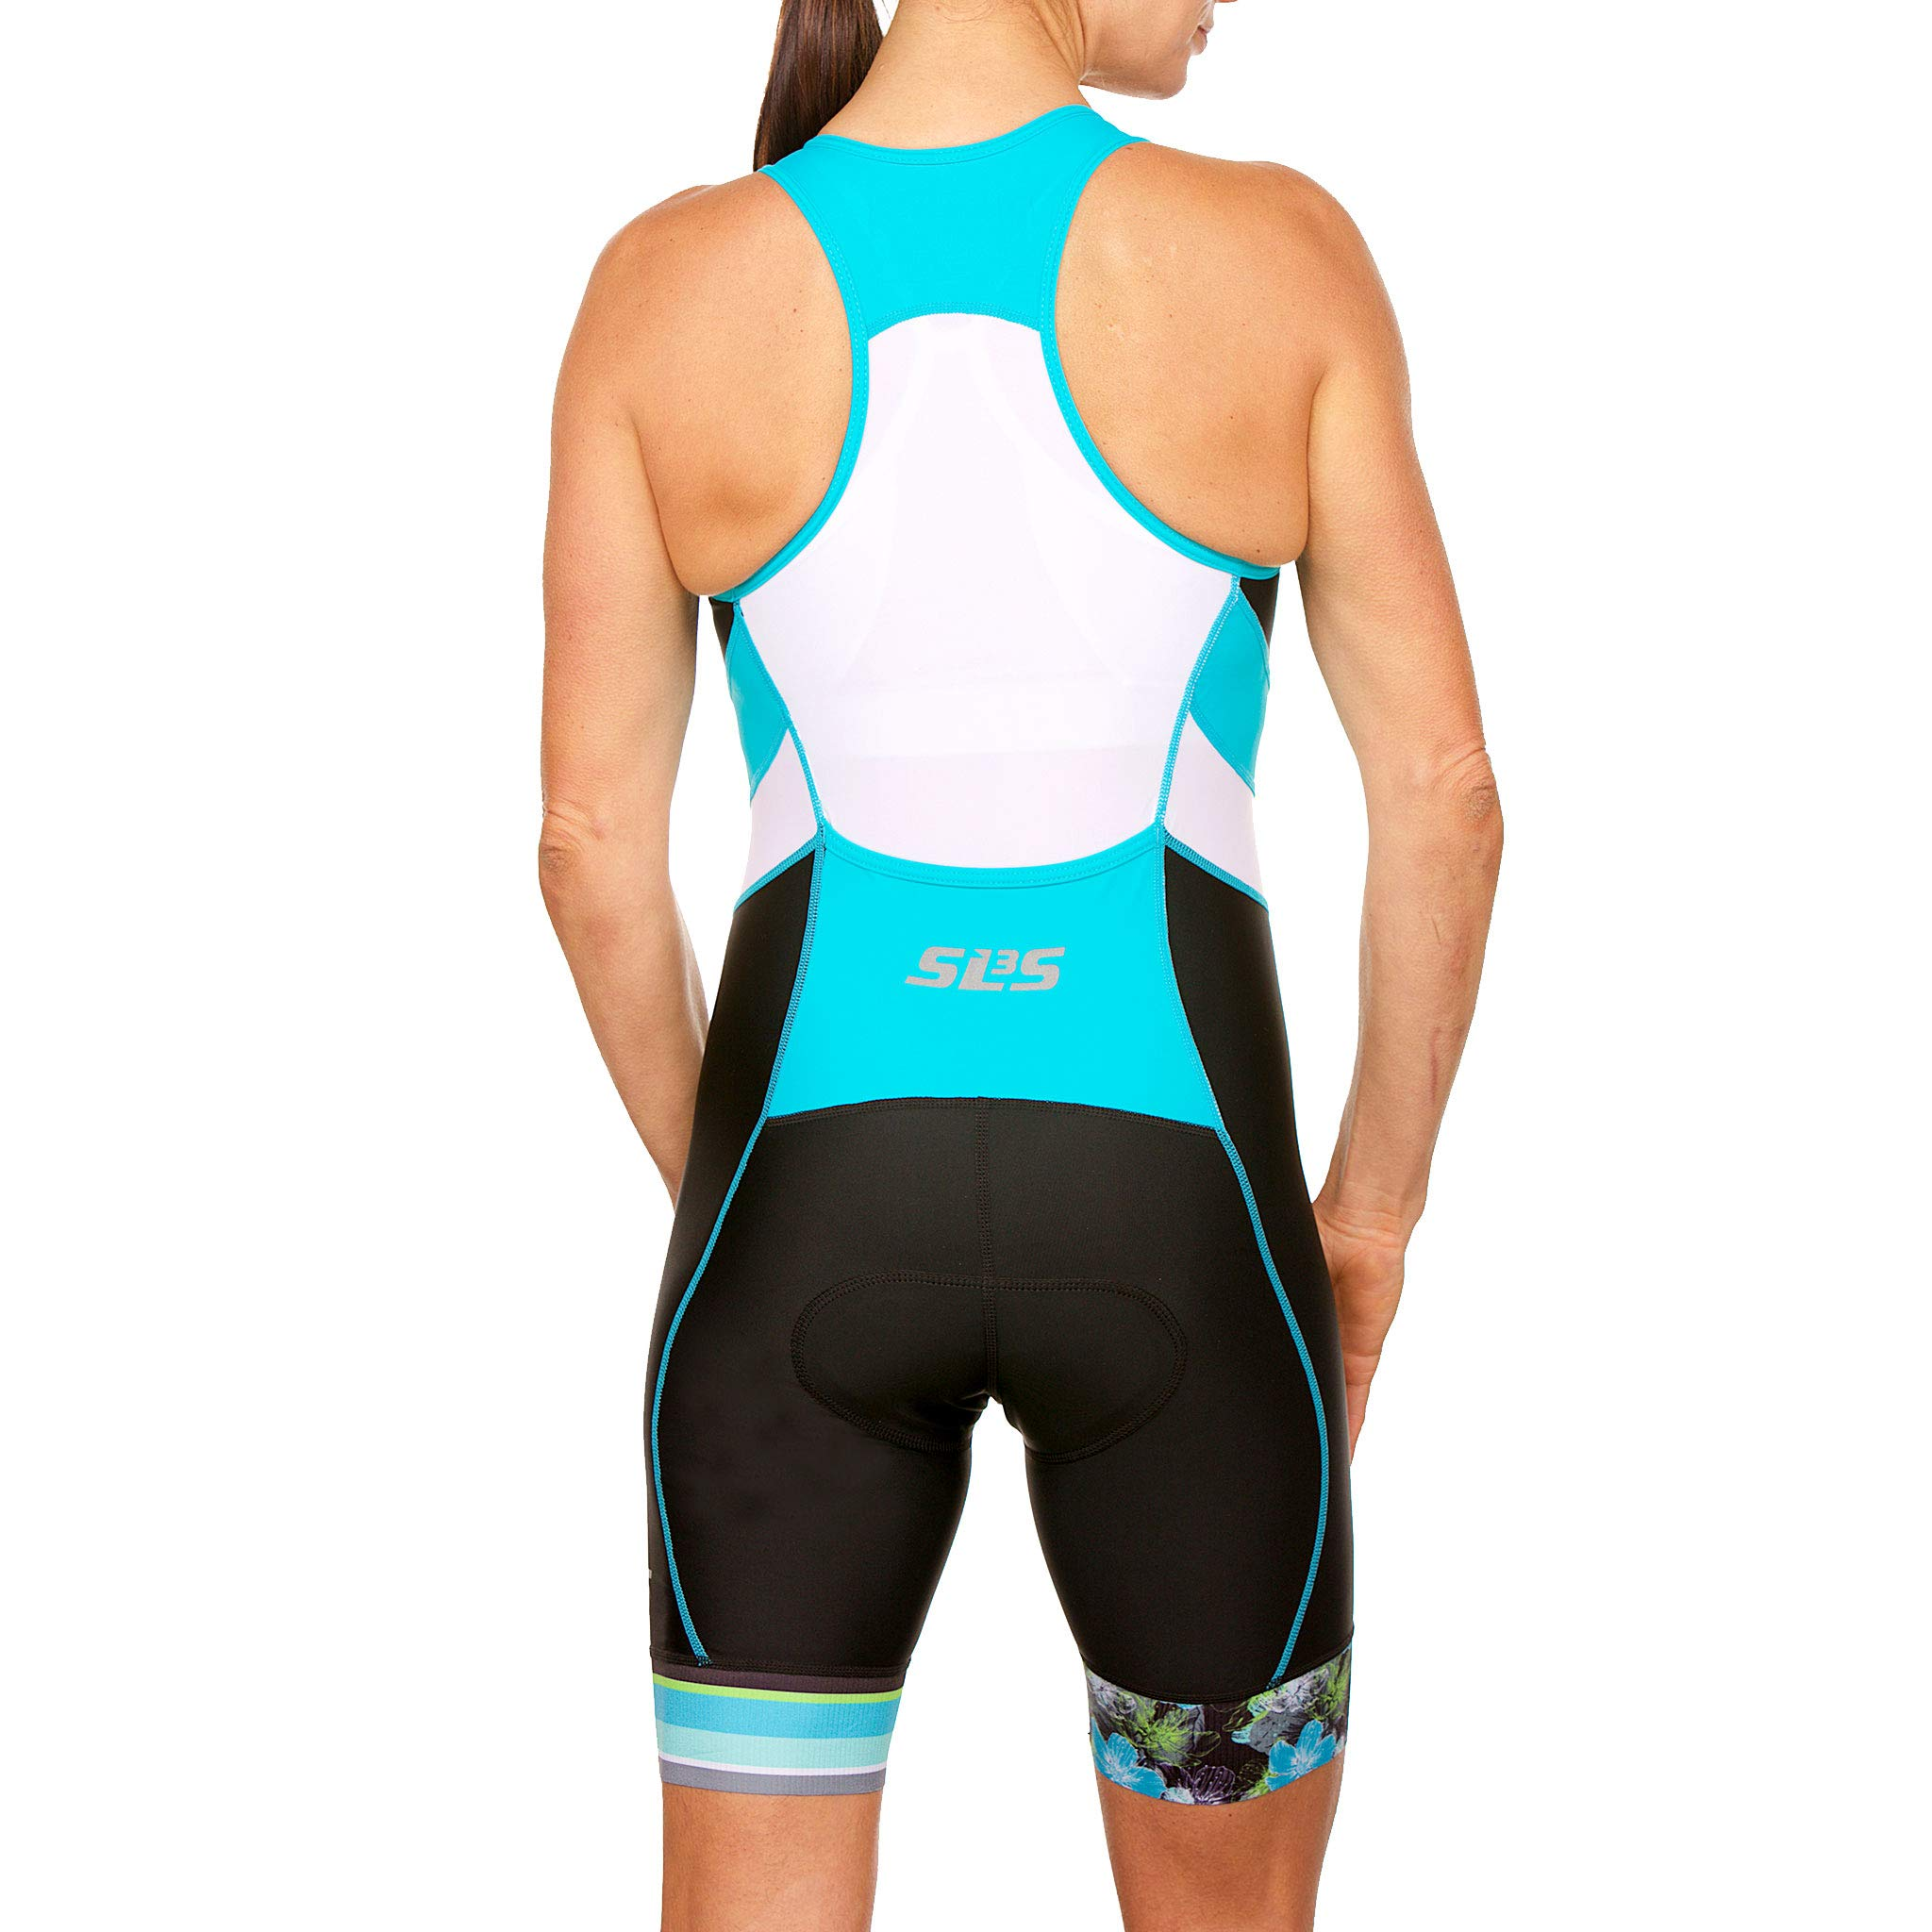 SLS3 Women`s Triathlon Suit FX | Womens Trisuits | 1 Pocket Triathlon Gear Suits Women | Anti-Friction Seams Womens Tri Suit | German Designed (Black/Martinica Blue, XL) by SLS3 (Image #3)